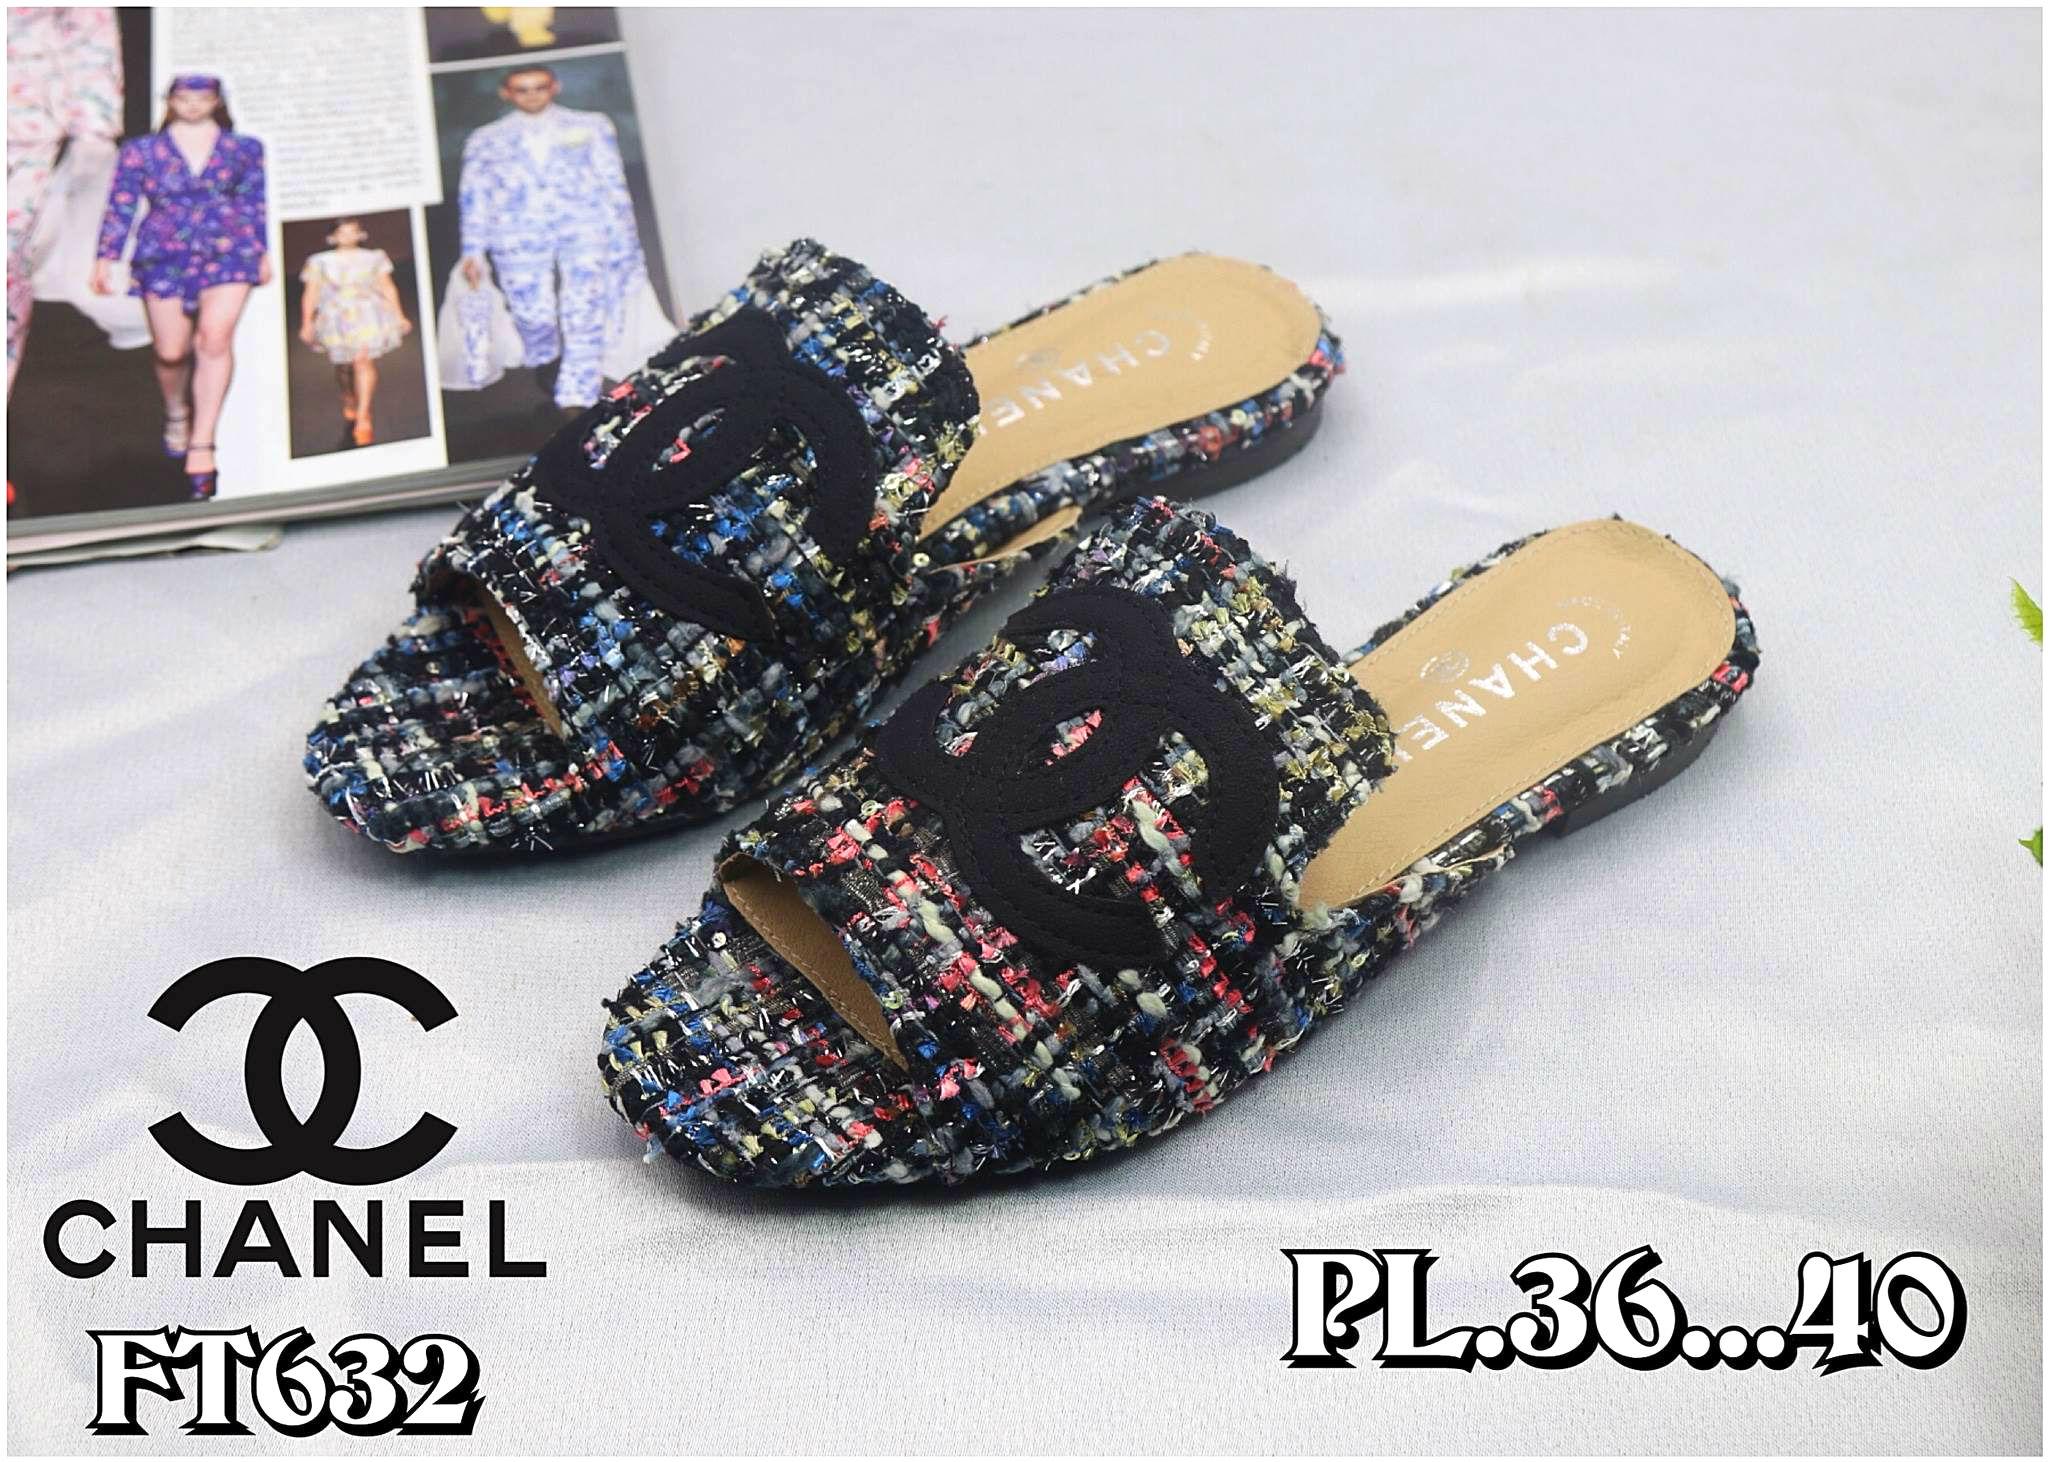 รองเท้าแตะแฟชั่น แบบสวม บุผ้าลายทวิสแต่ง CC สวยเก๋ไฮโซสไตล์ชาแนล หนังนิ่ม ทรงสวย ใส่สบาย แมทสวยได้ทุกชุด (FT632)